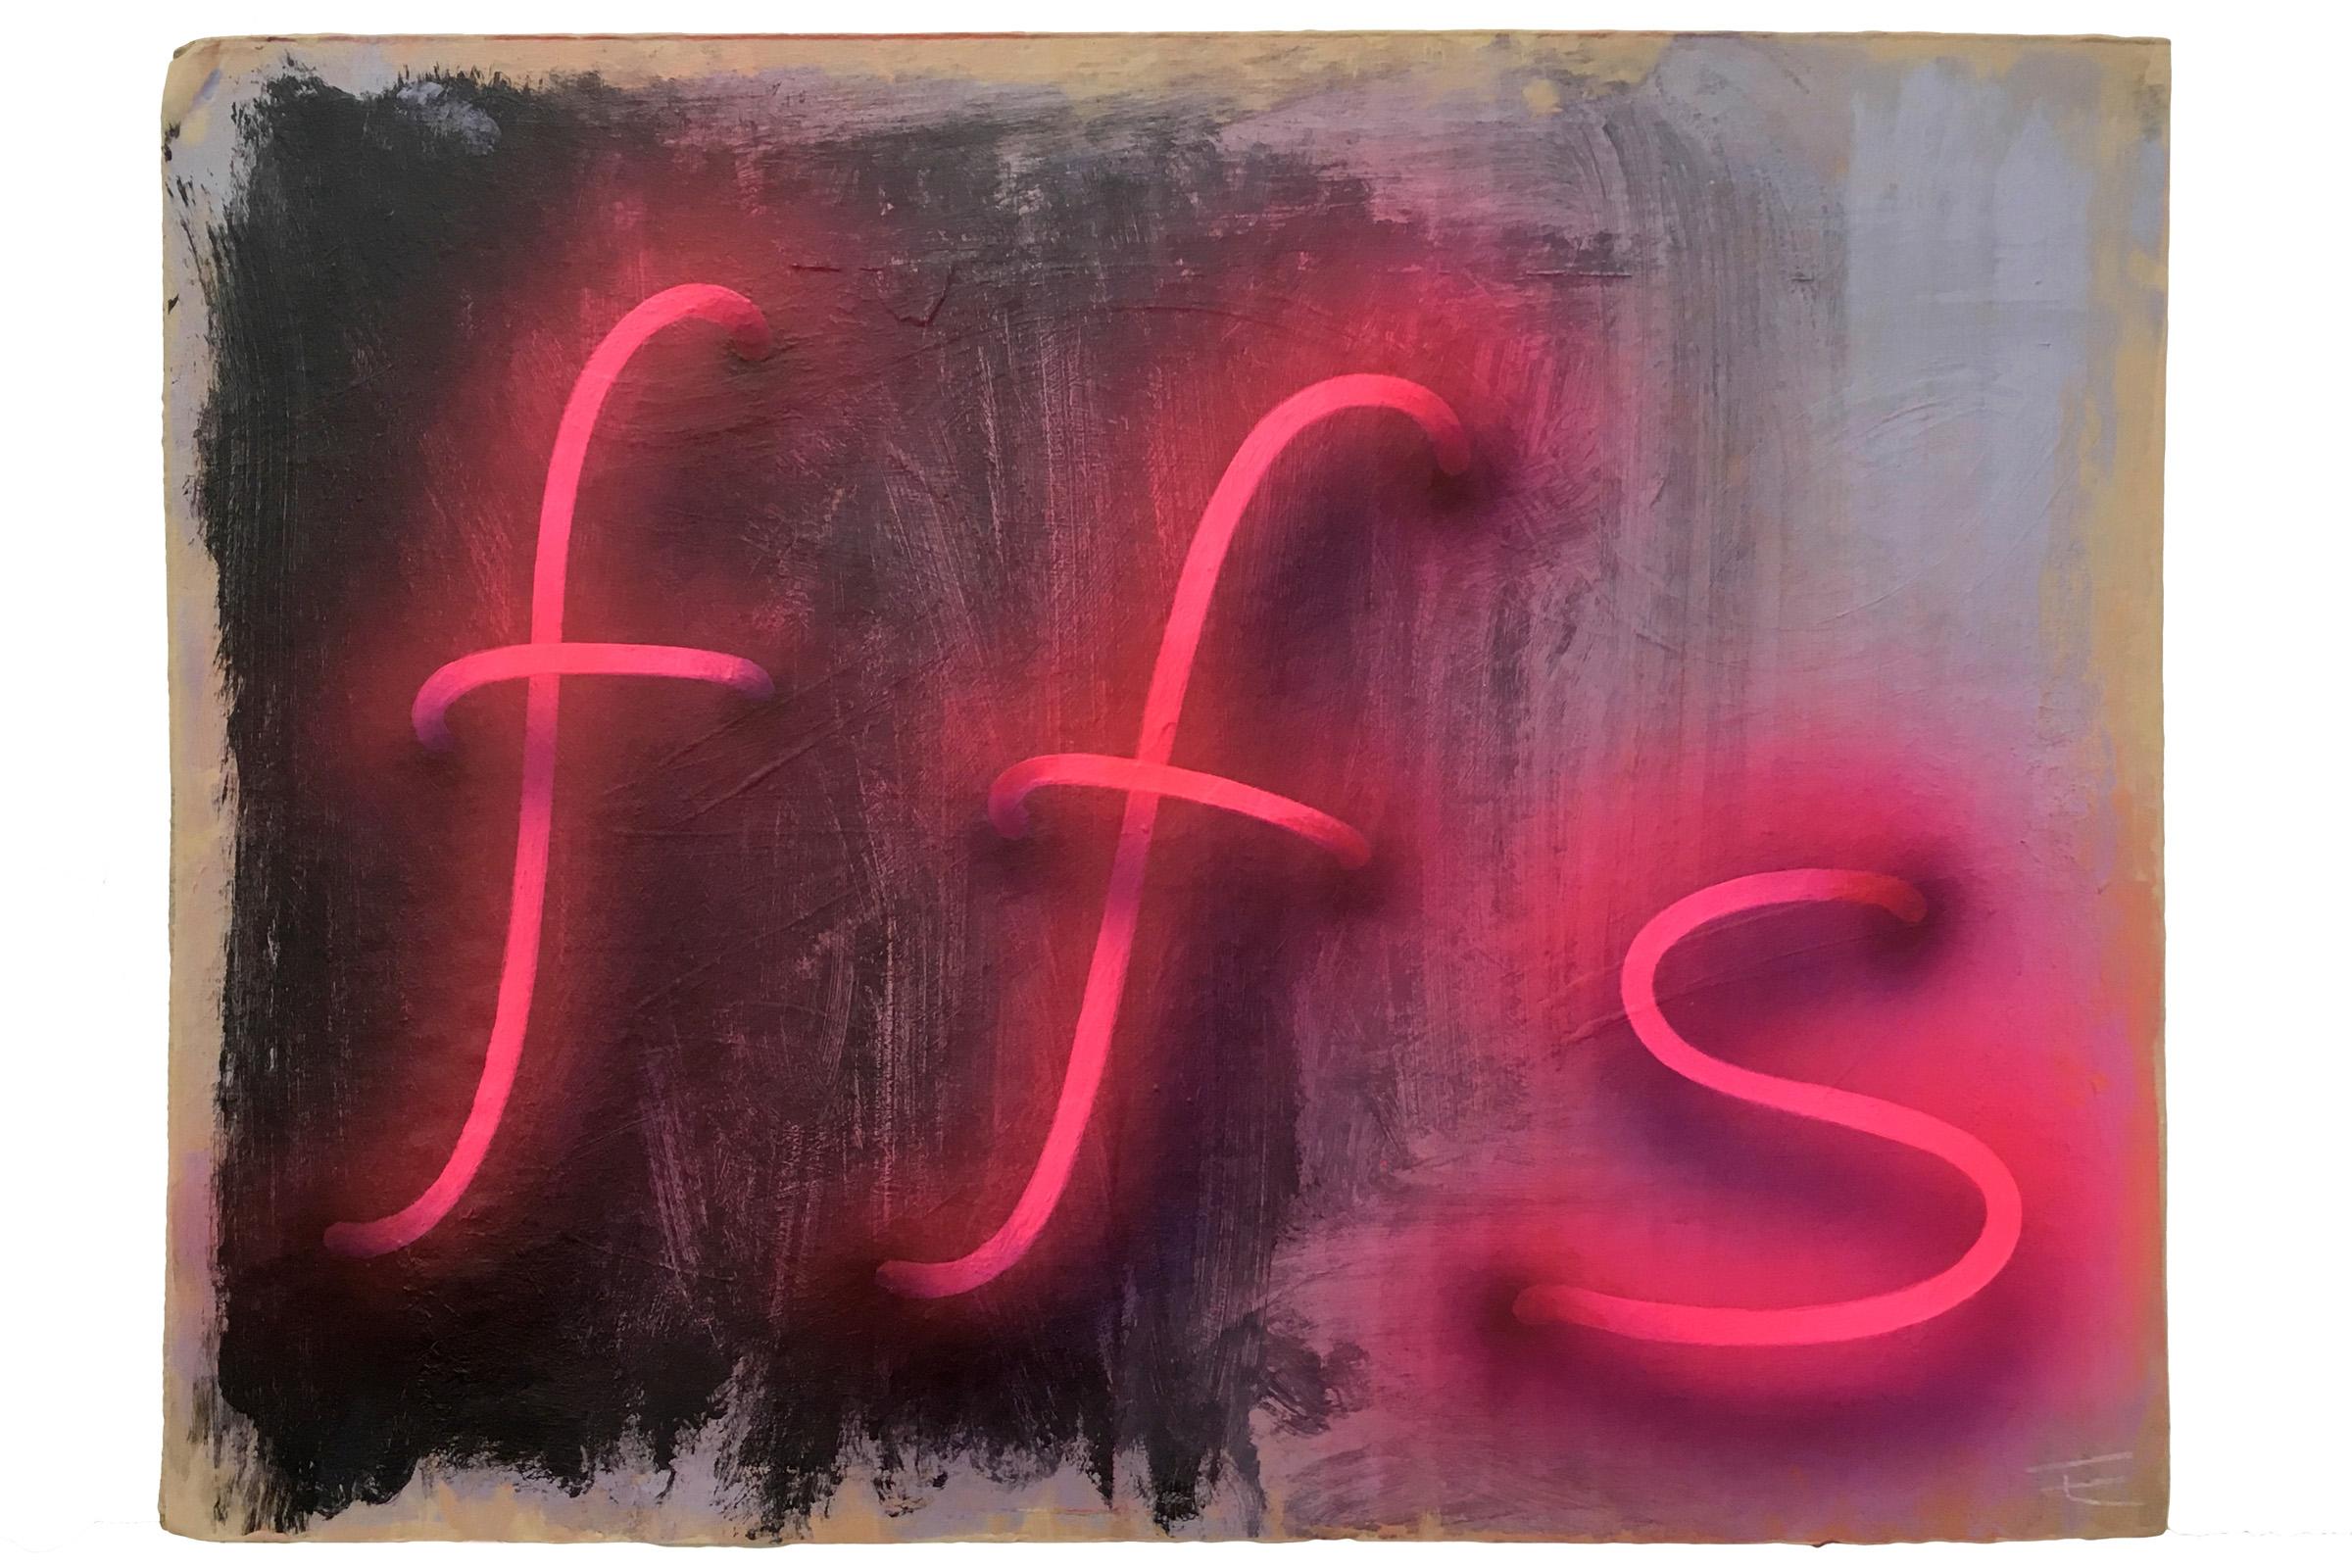 'ffs'